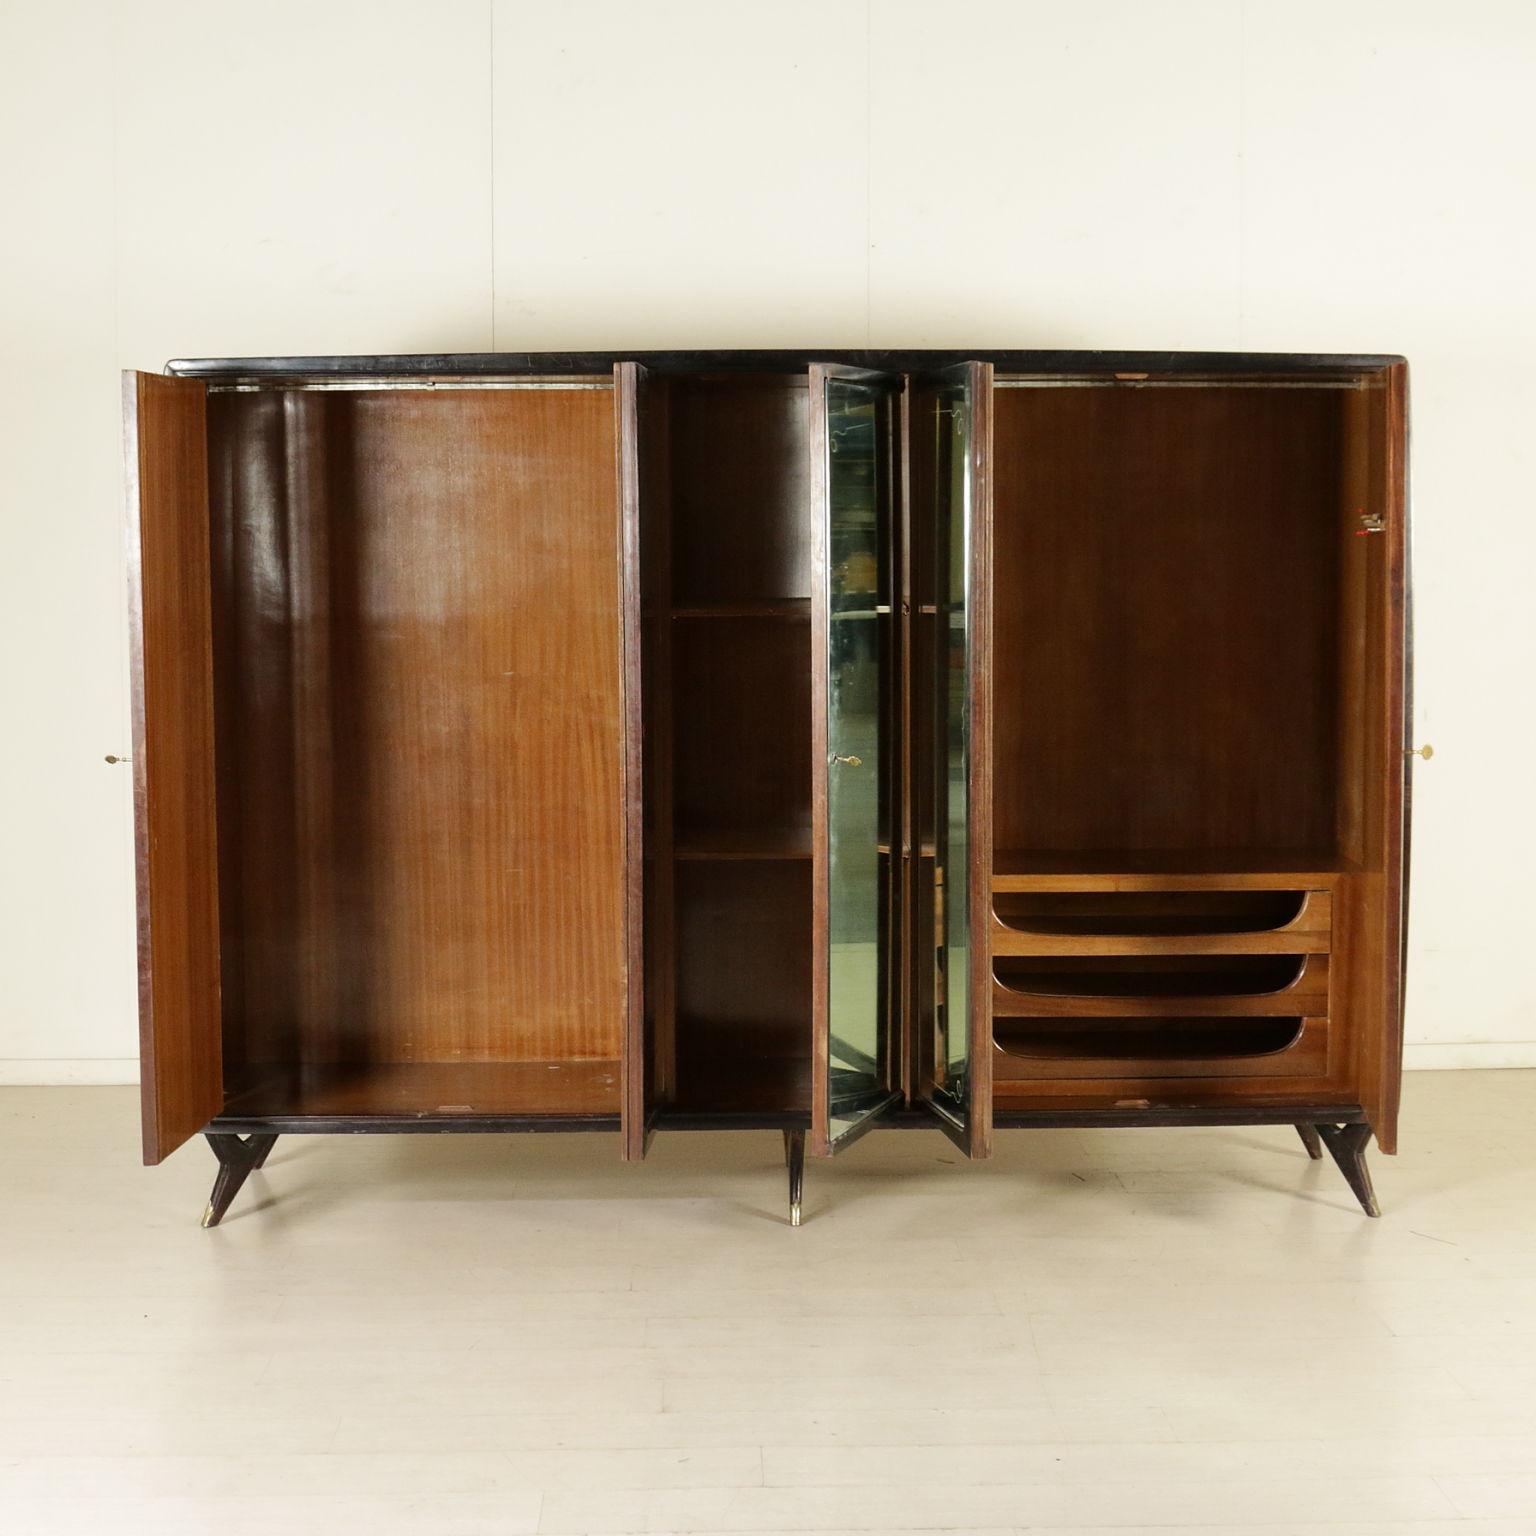 meuble buffet vintage ann es 50 meubles design moderne. Black Bedroom Furniture Sets. Home Design Ideas